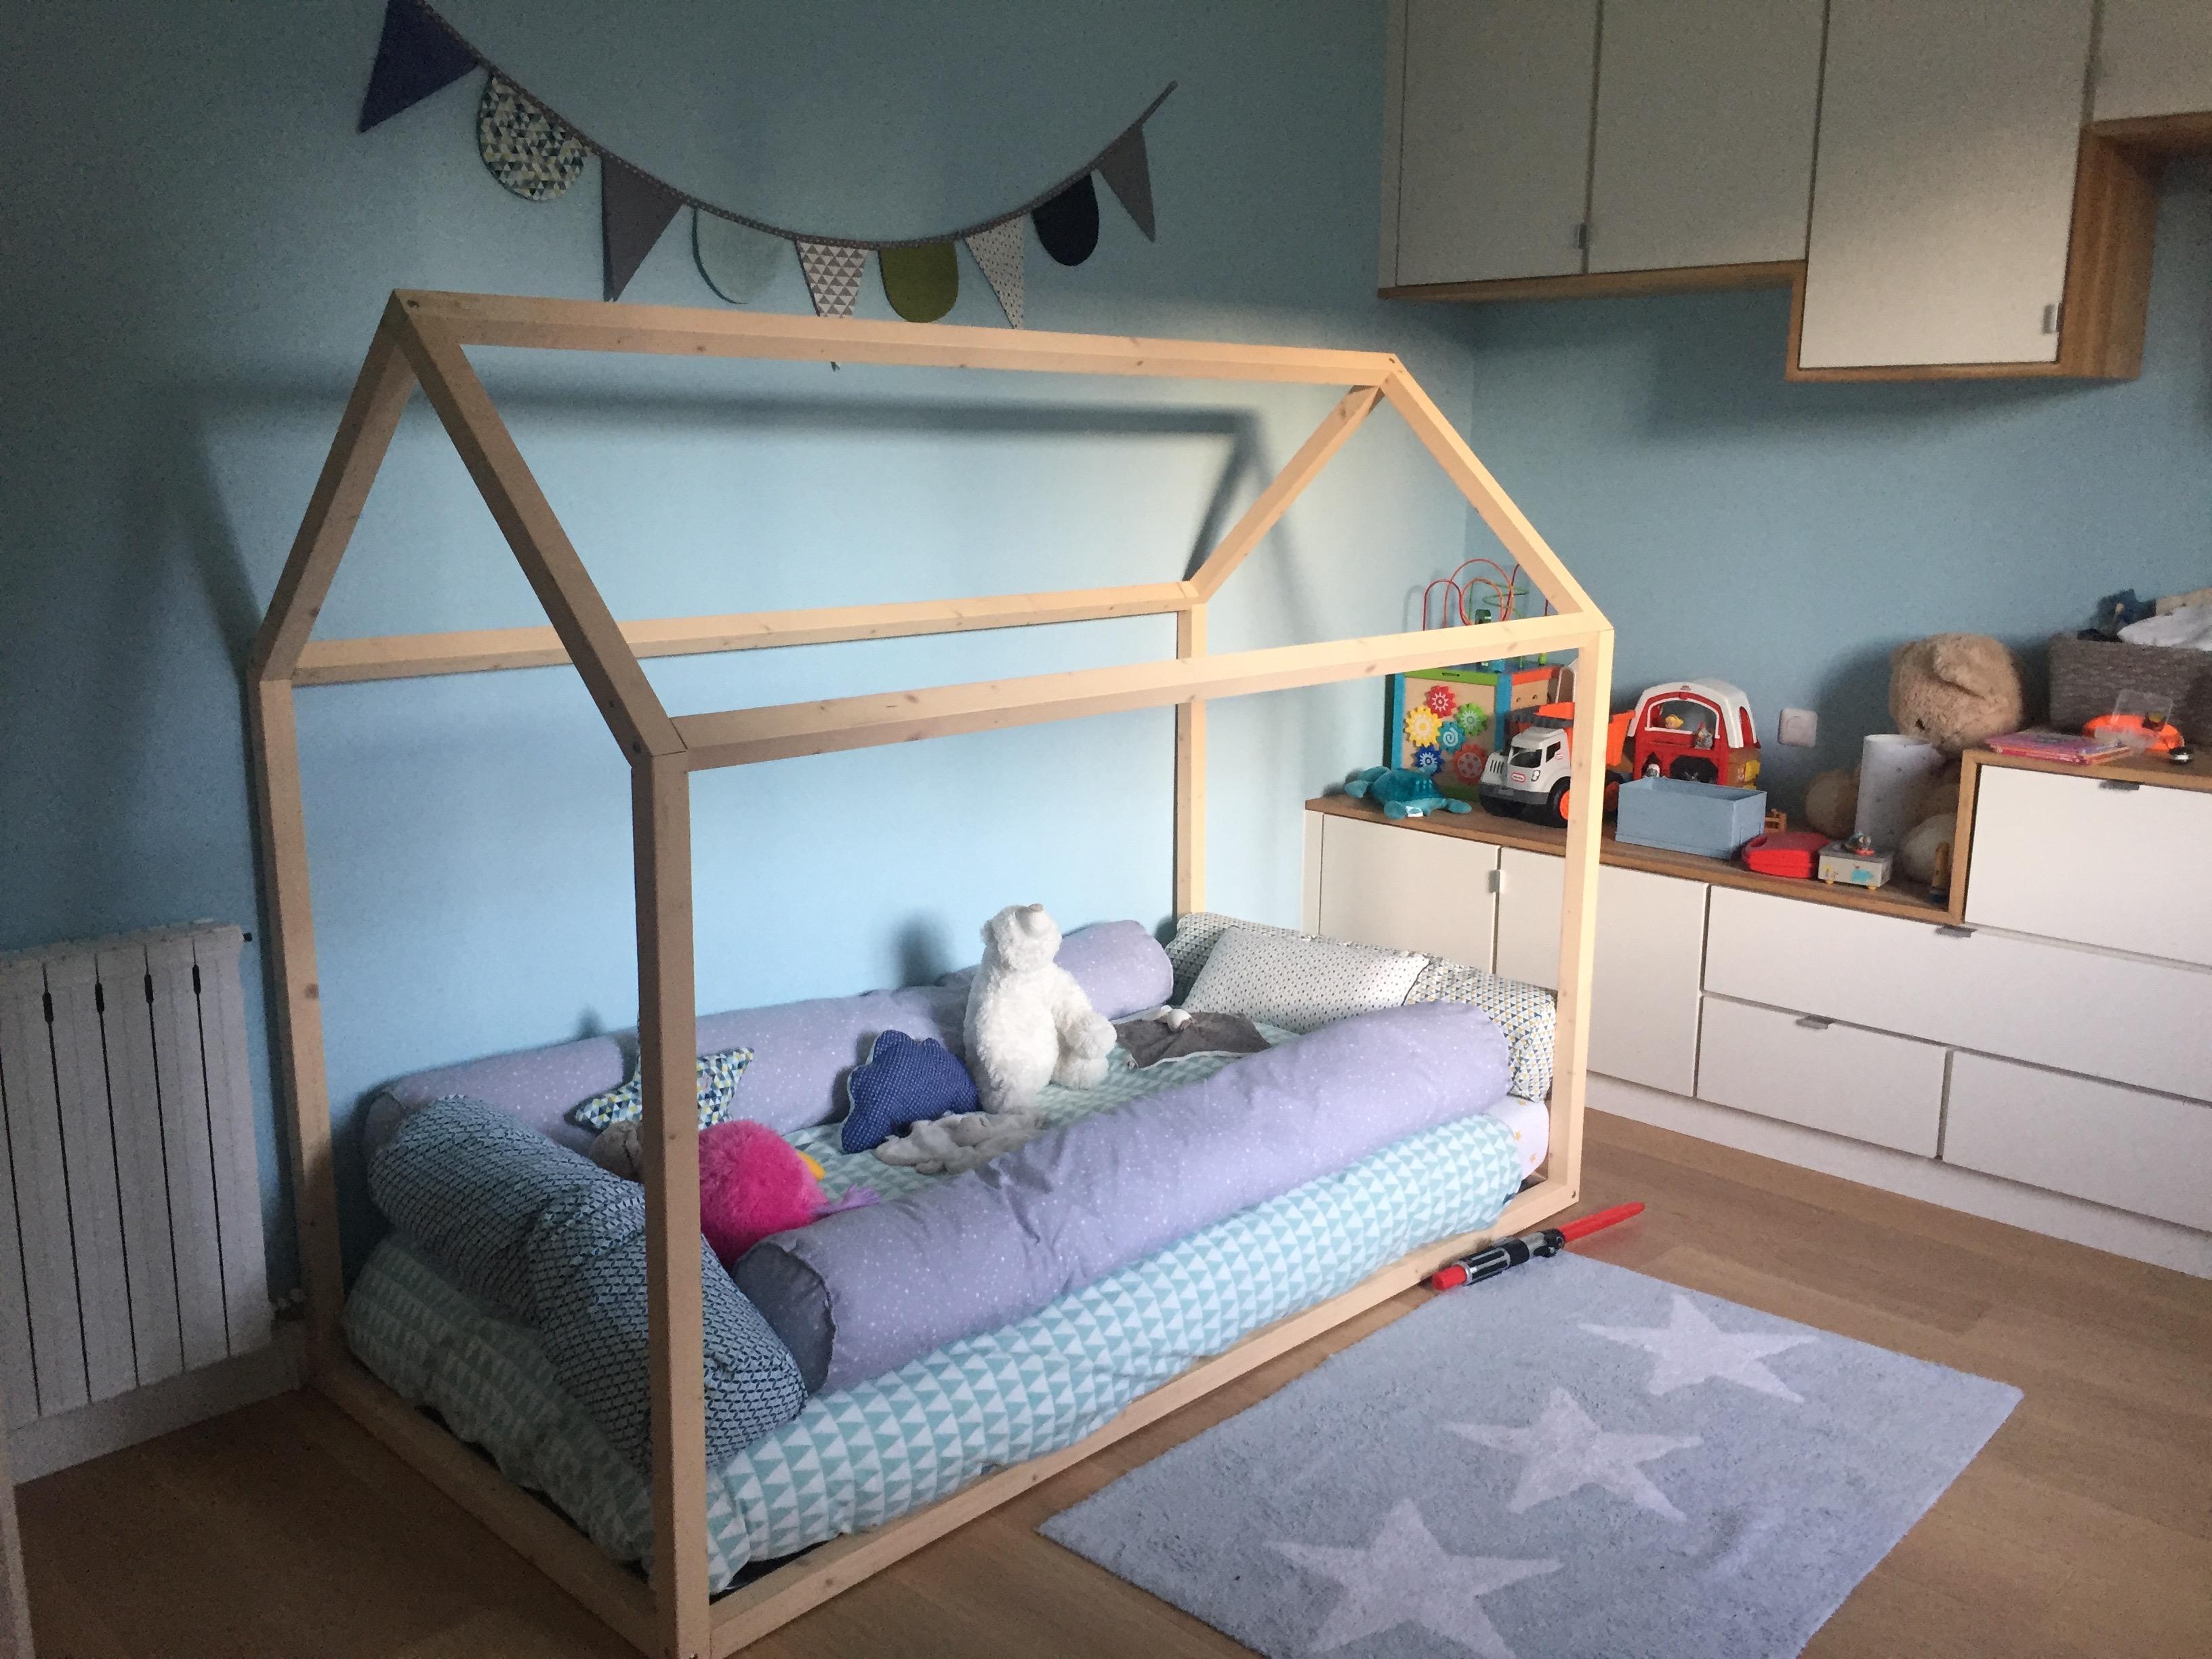 Comment Faire Un Lit Soi Meme faire un lit cabane montessori soi-même